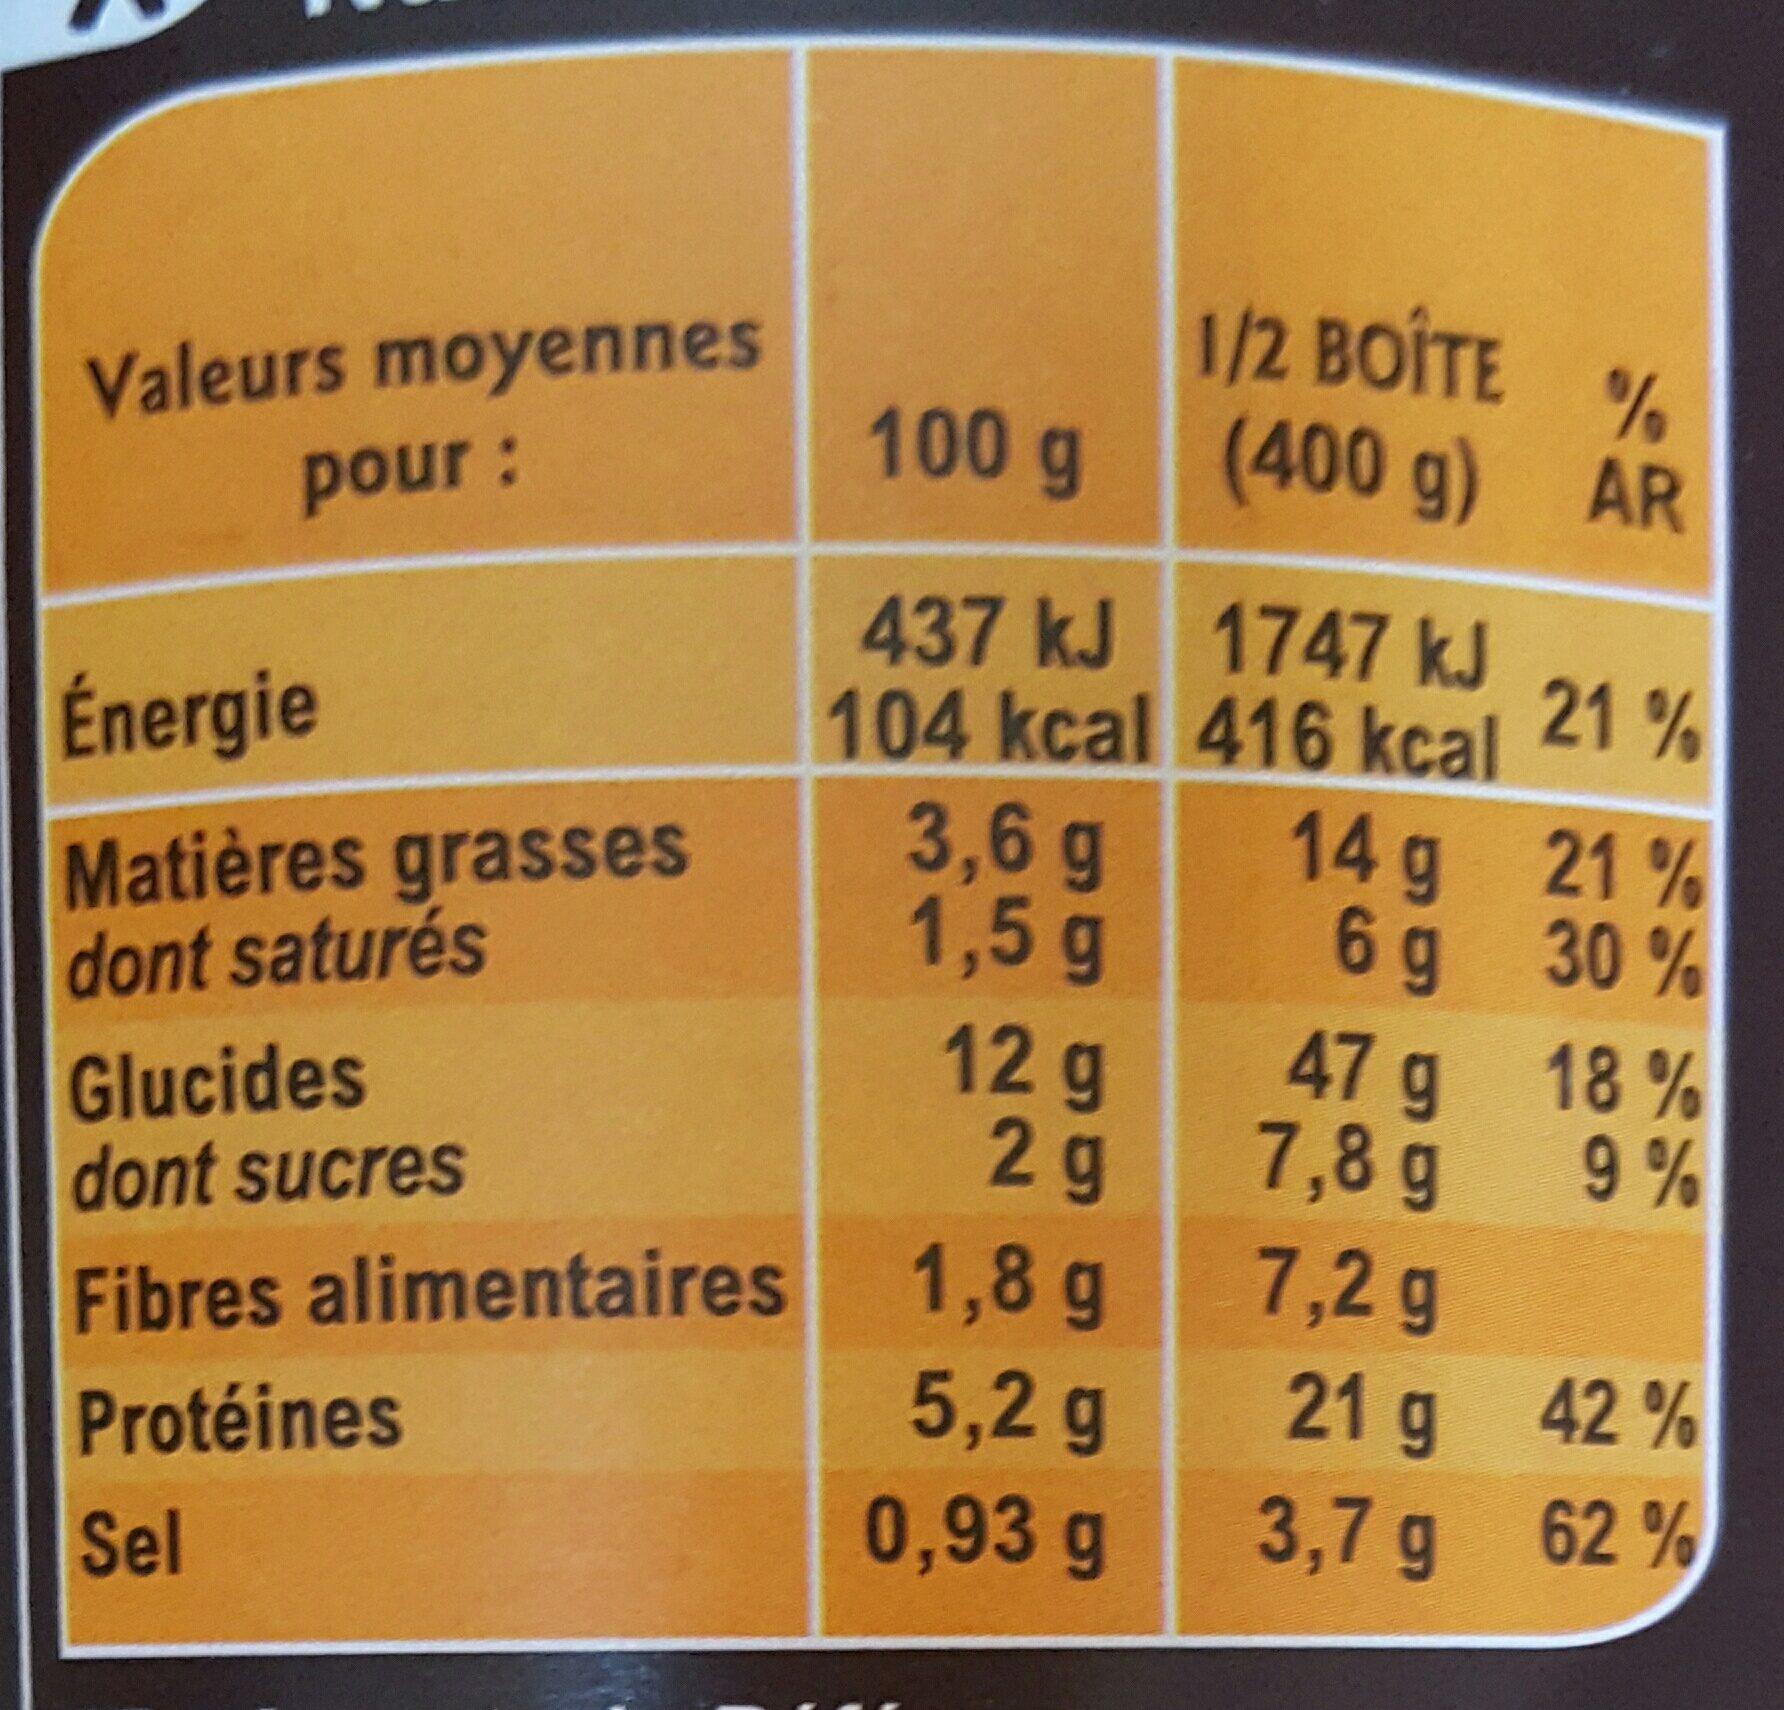 Ravioli à la Bolognaise - Nutrition facts - fr